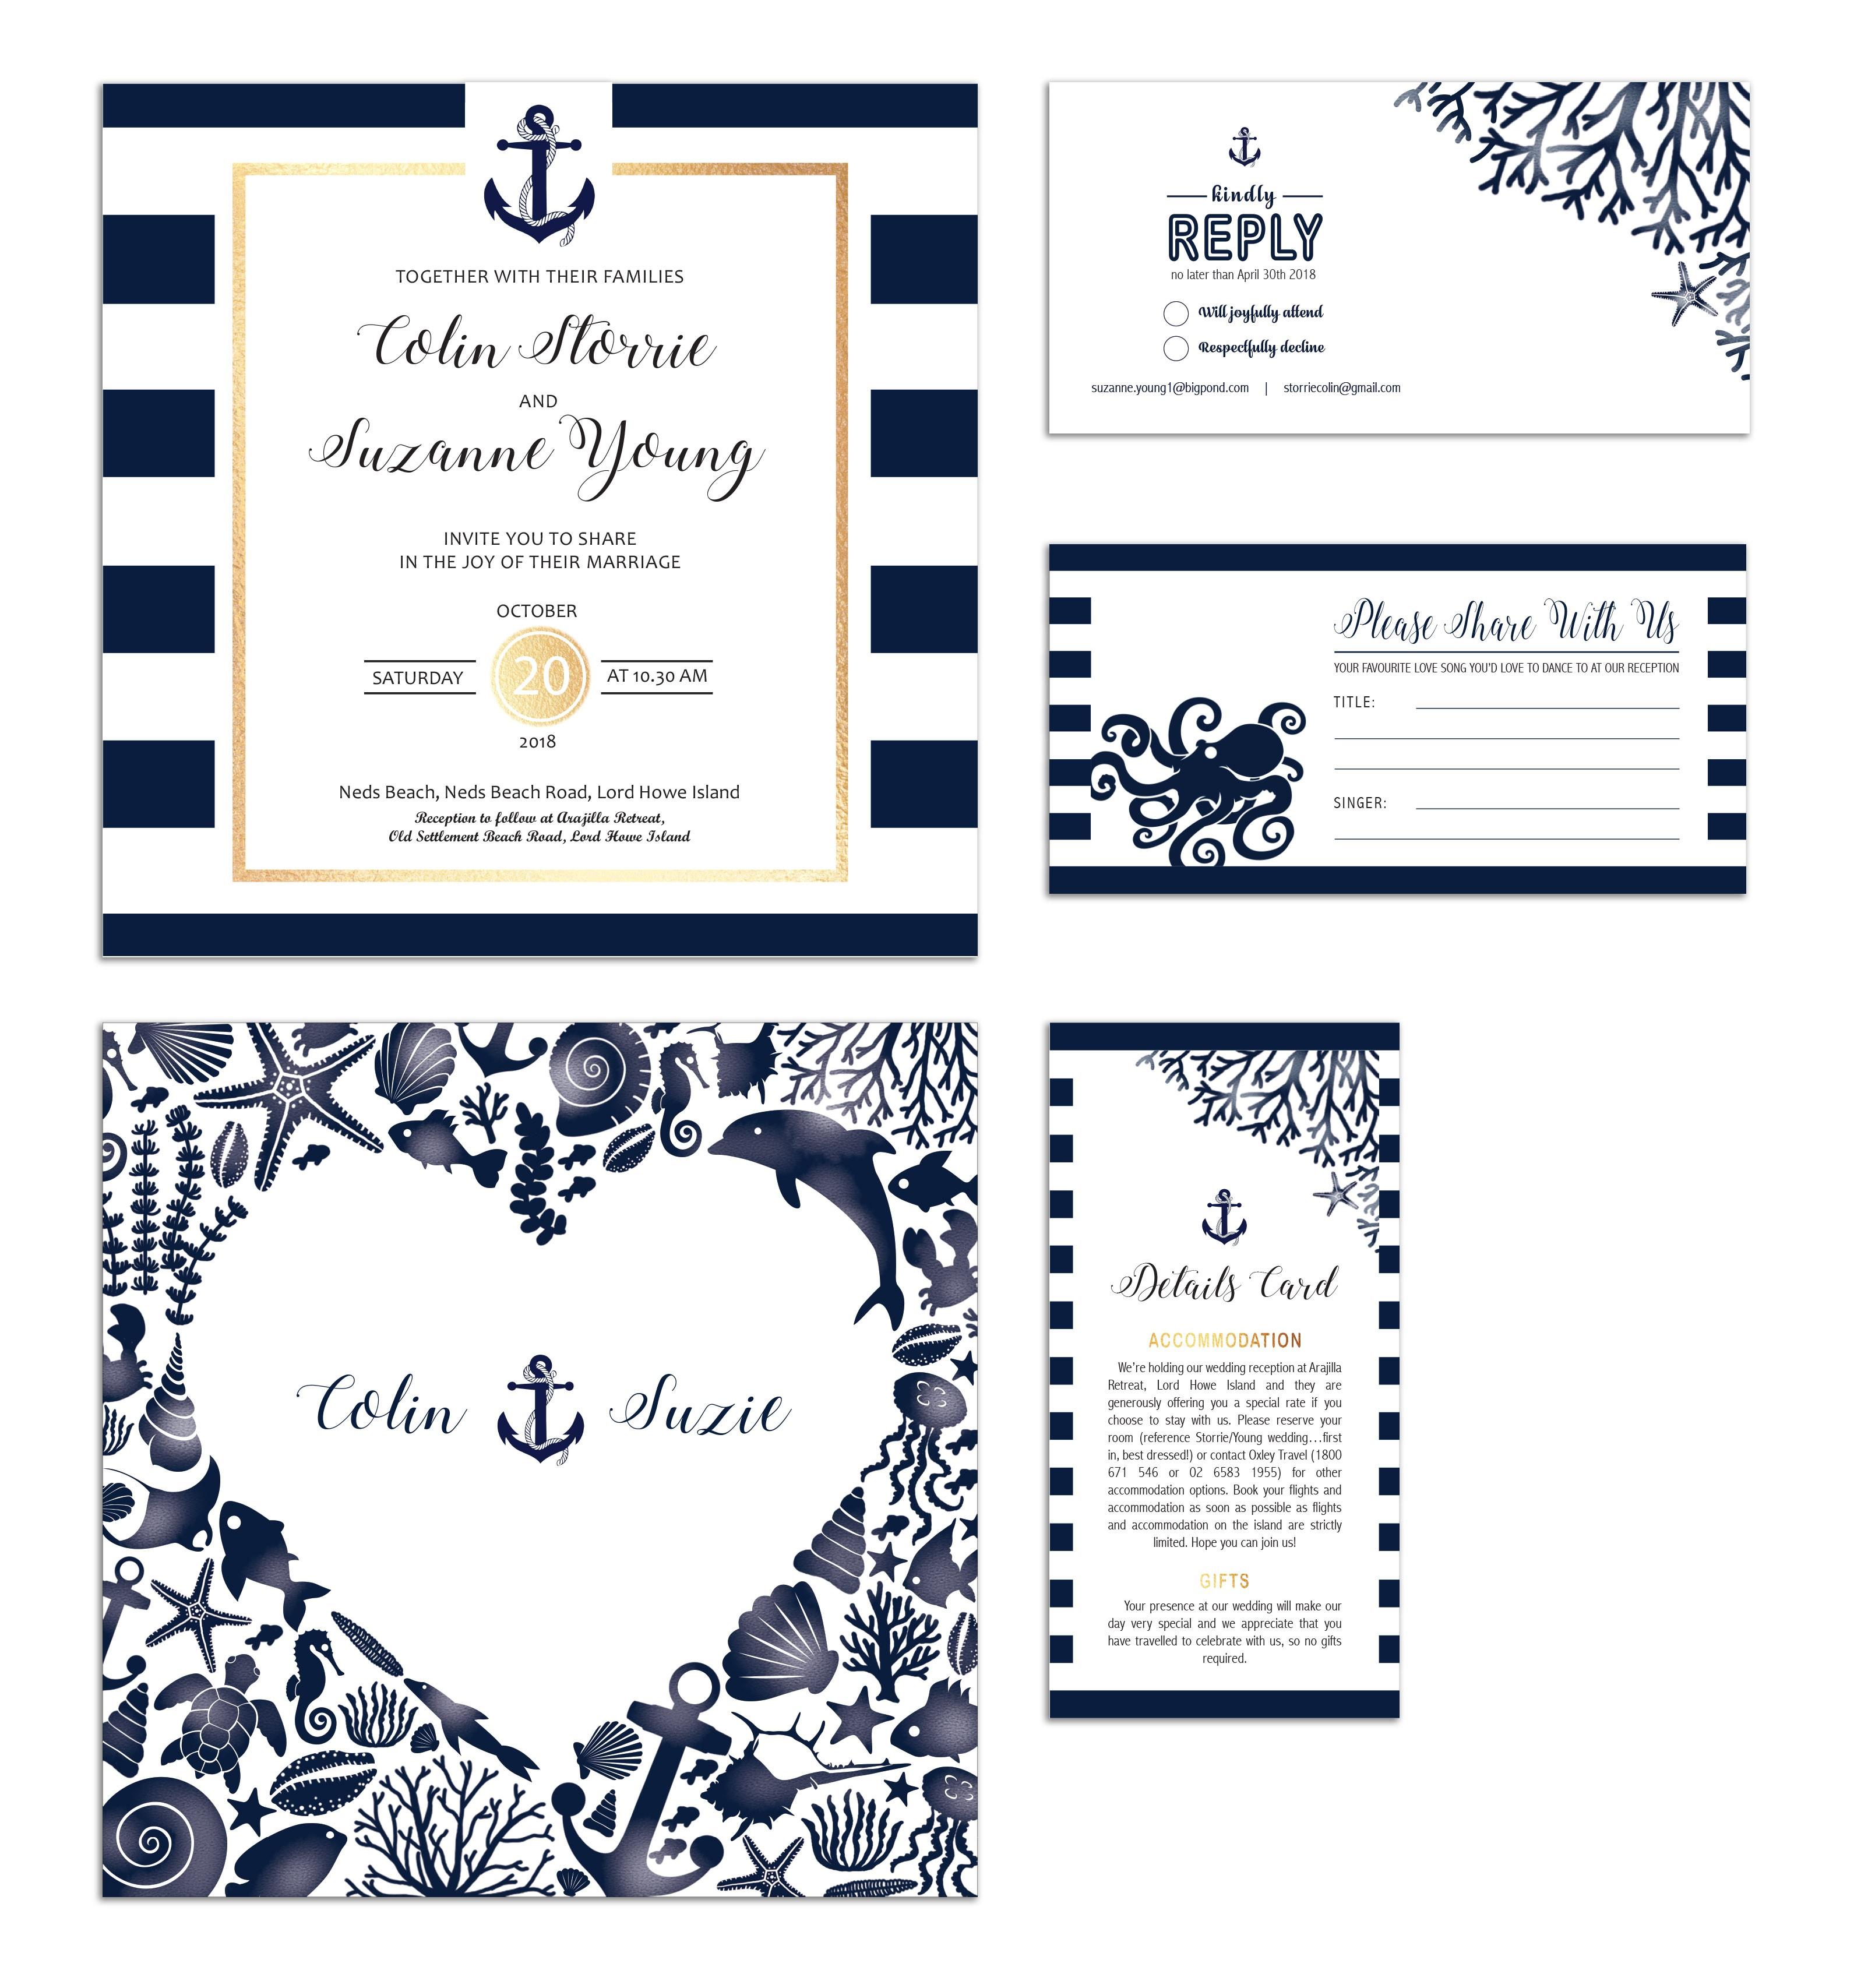 Lord Howe Island wedding invitation set